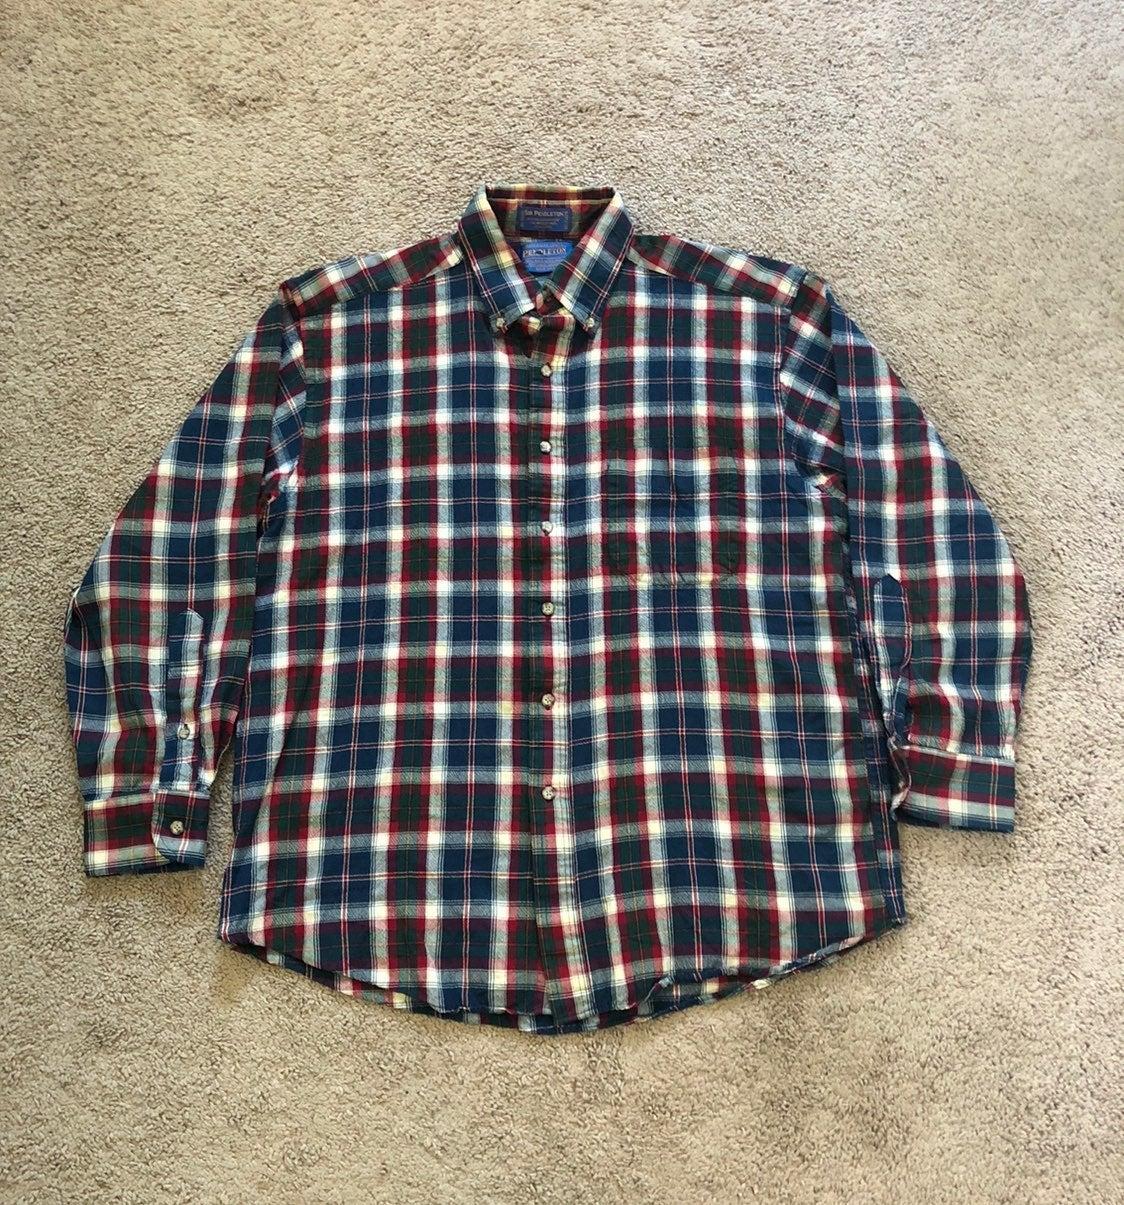 Sir Pendleton Worsted Wool Plaid Shirt